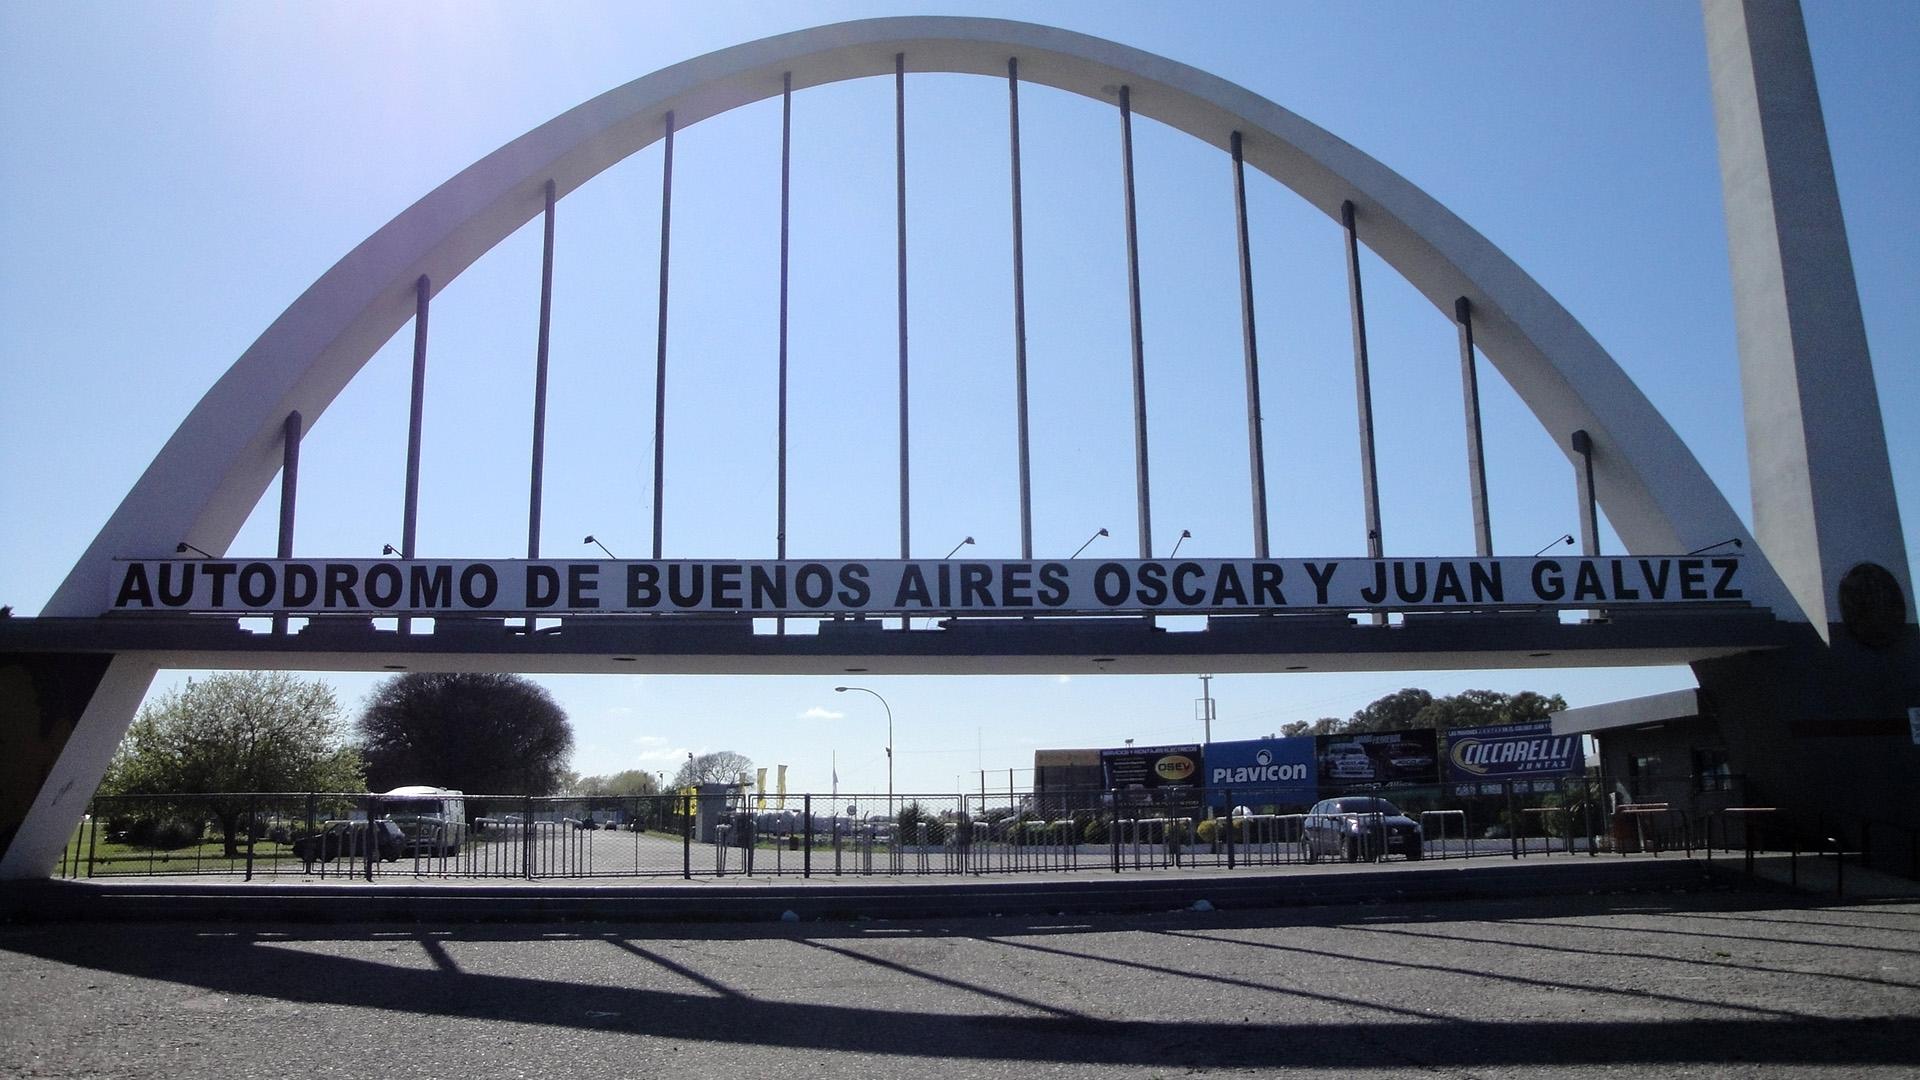 La cuarta fecha será en el Autódromo Oscar y Juan Gálvez